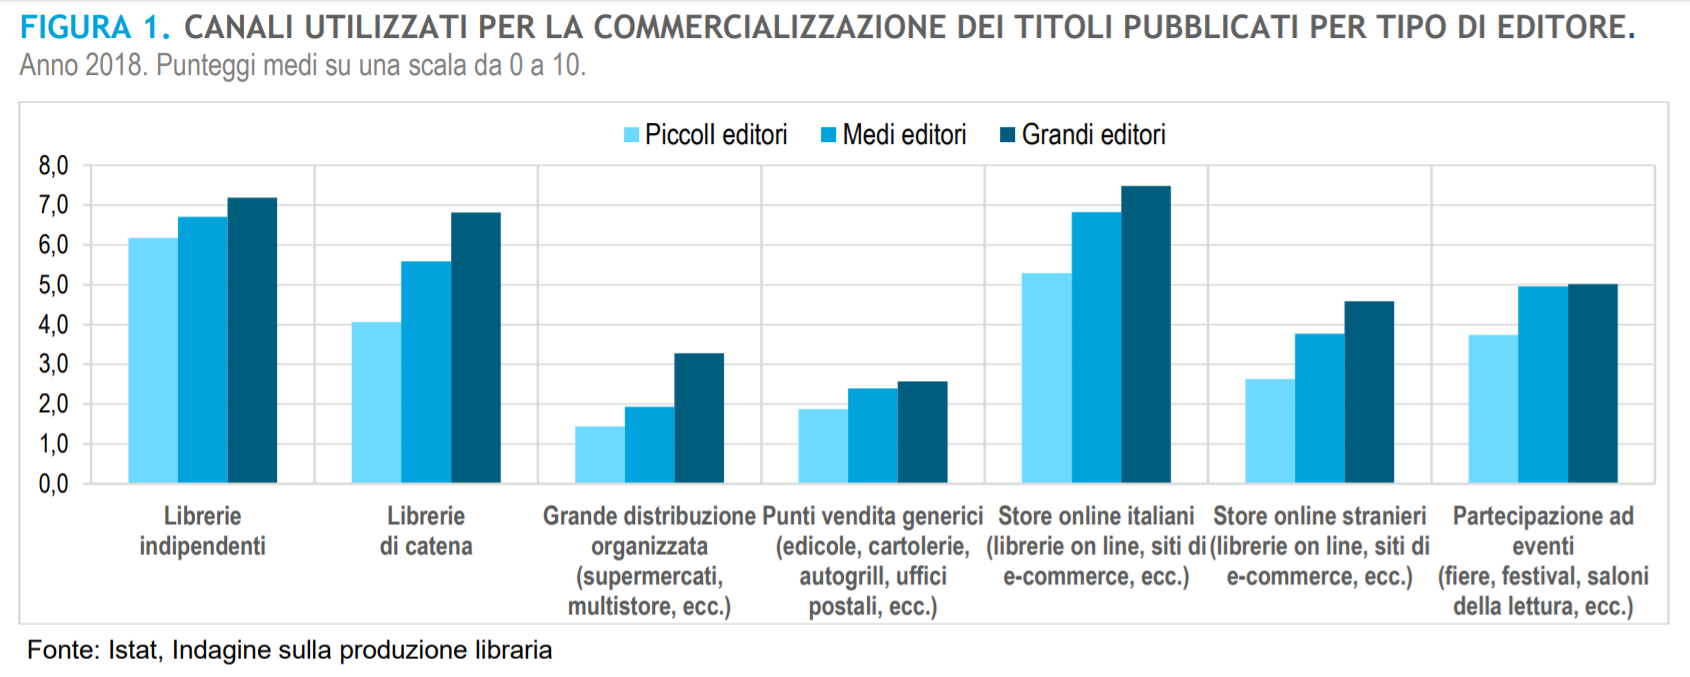 Editoria: tutti i numeri del settore secondo Istat